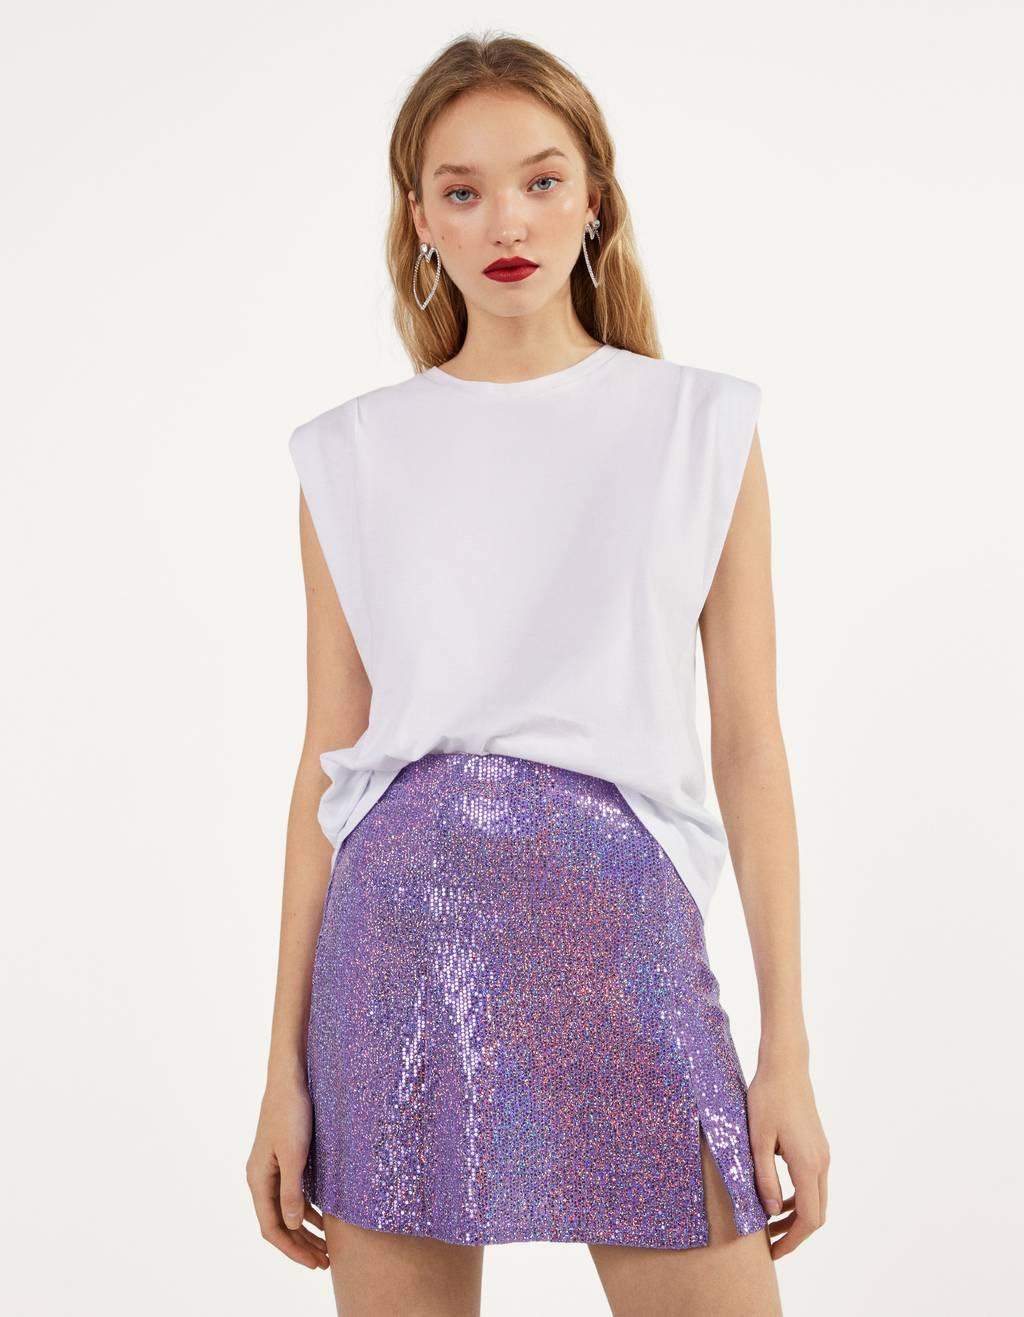 Mirrored mini skirt